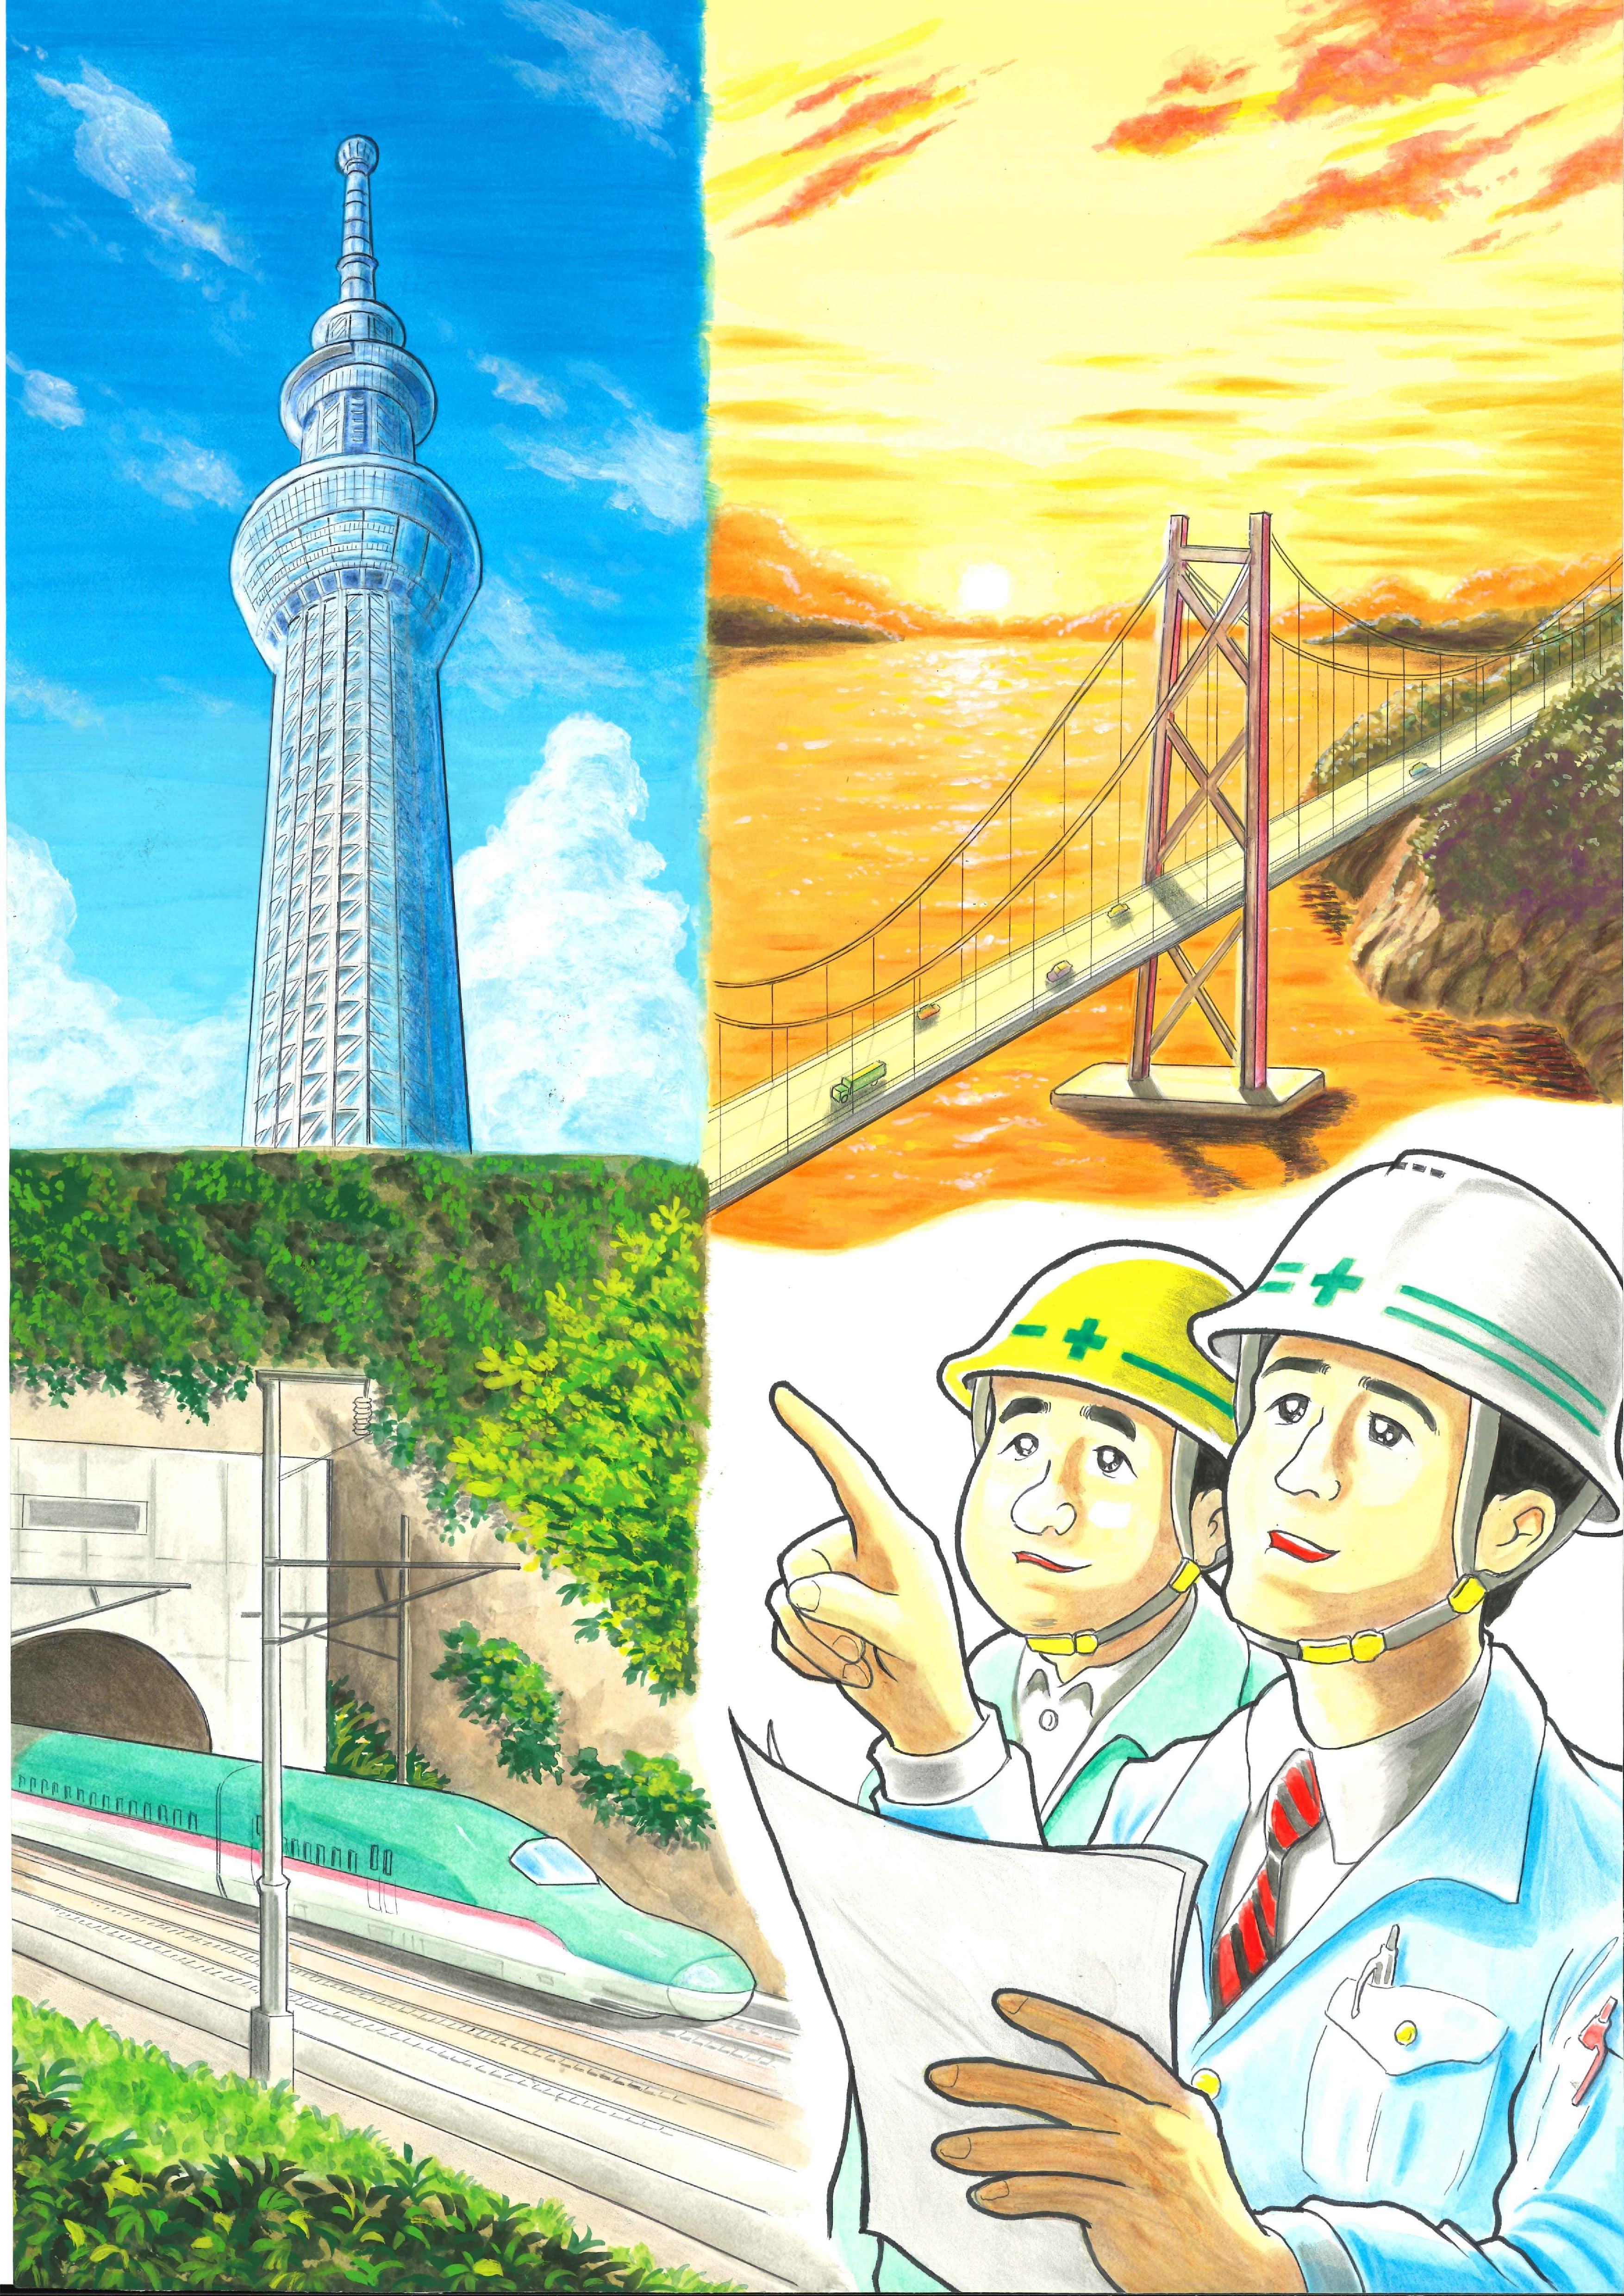 2019年度【一般部門・佳作】石川敏康さん(ペンネーム)